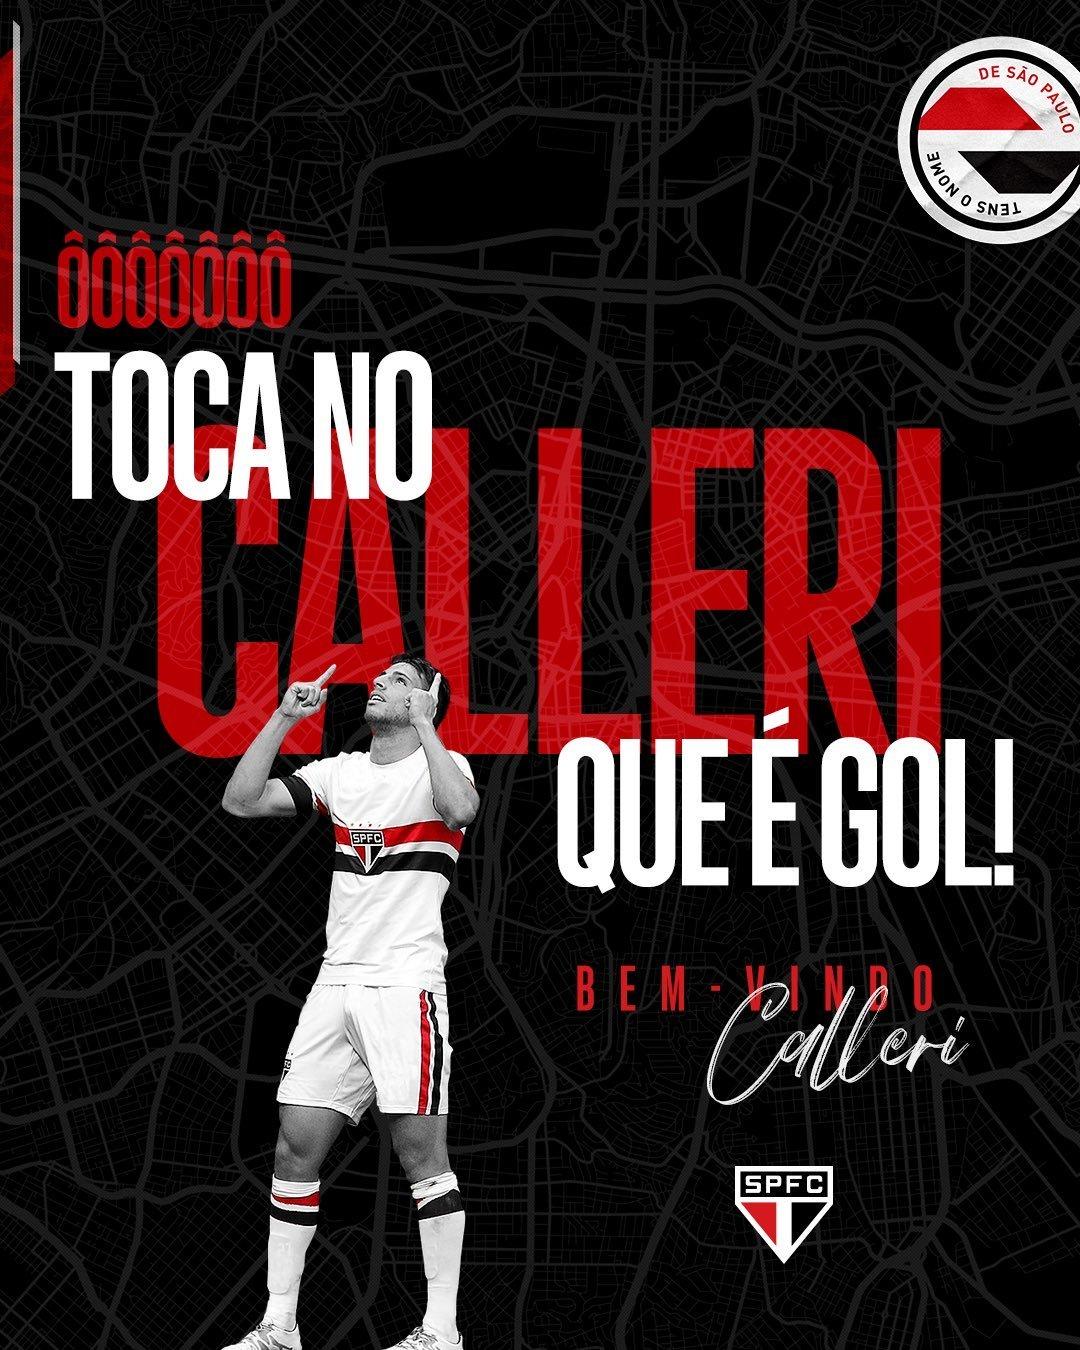 A apresentação da volta de Calleri ao Morumbi, feita pelo São Paulo. Já mostra a devoção